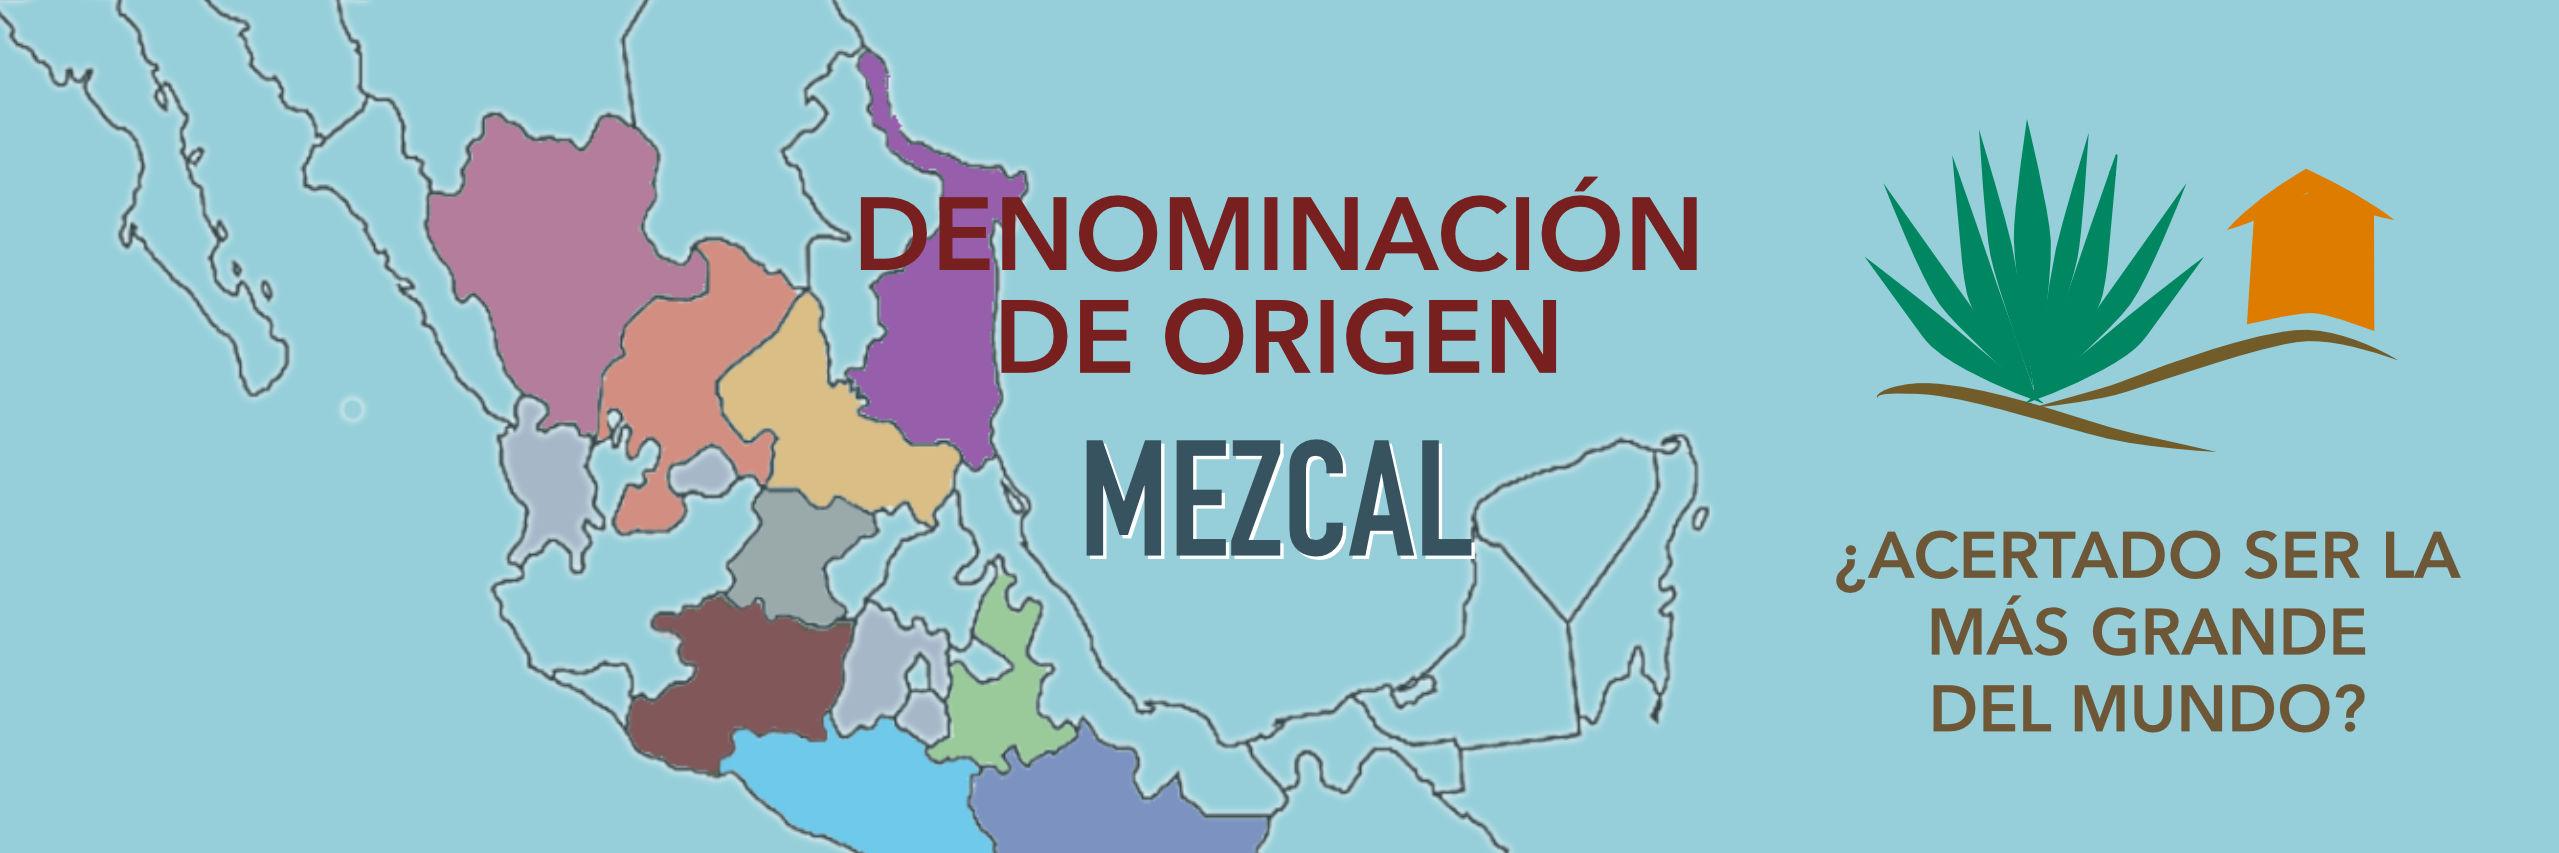 Denominación de Origen Mezcal